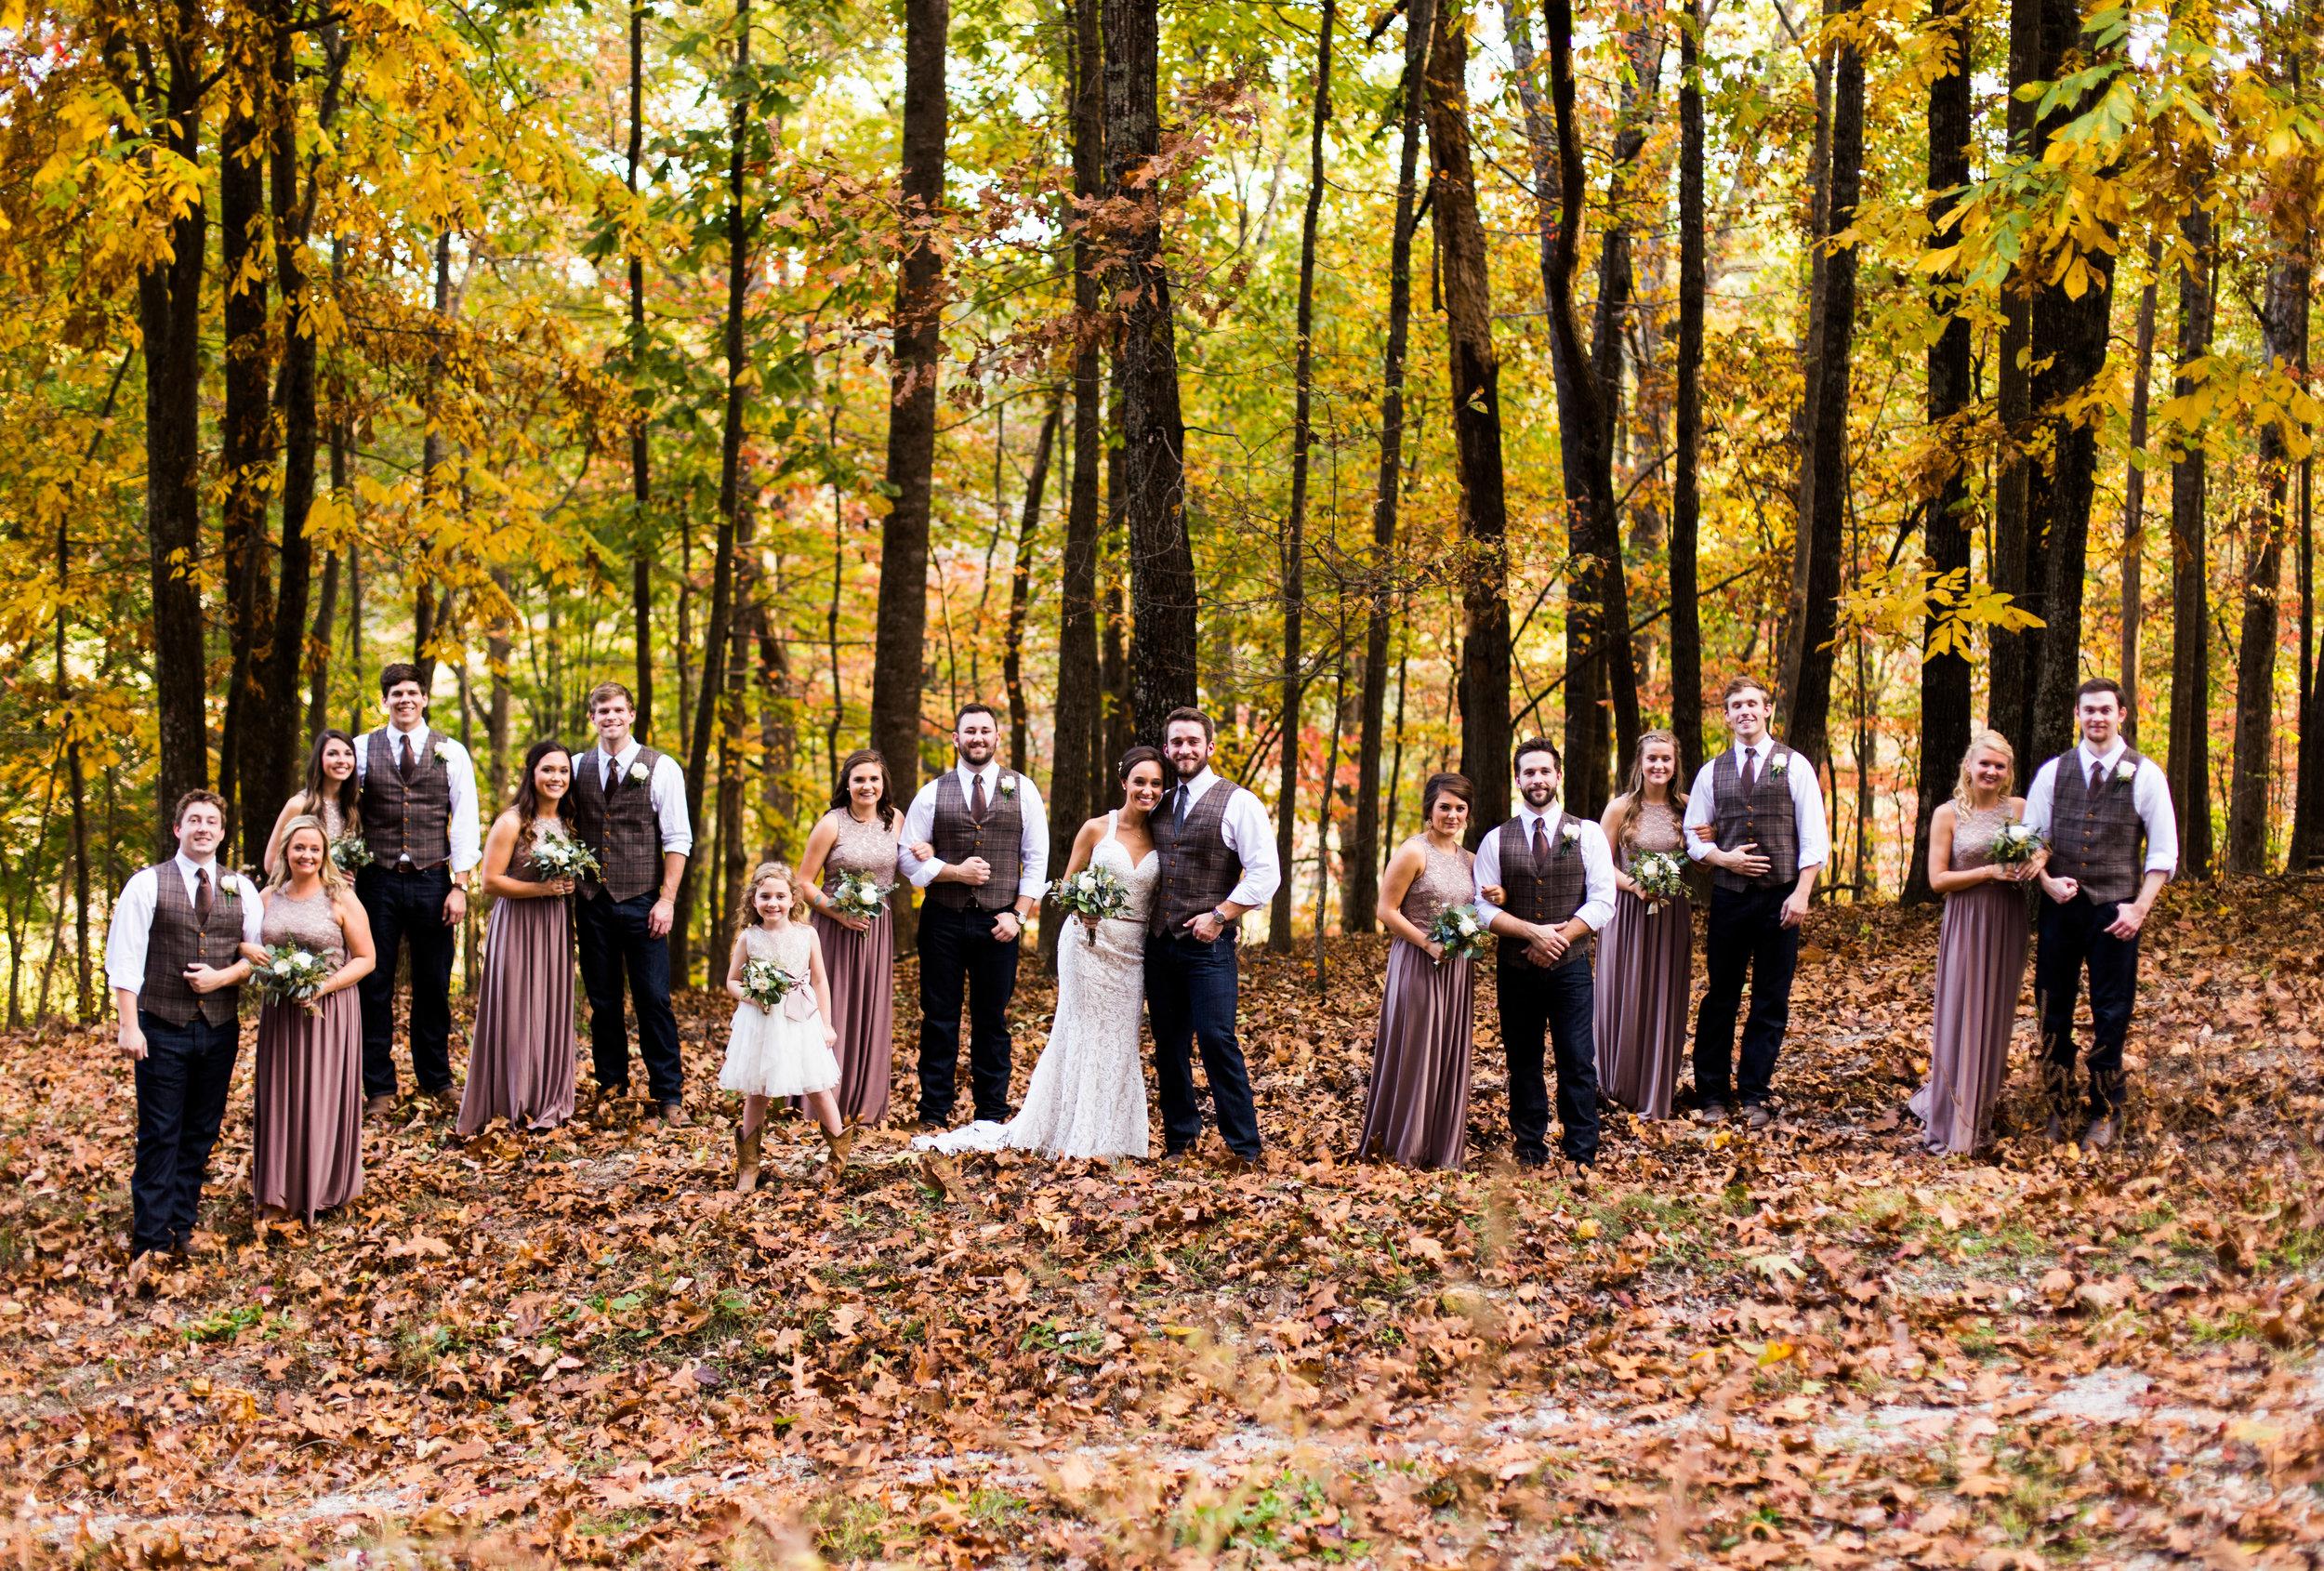 top nashville wedding photographer emily anne - shot in the heart of leiper's fork franklin TN gorgeous nashville wedding!